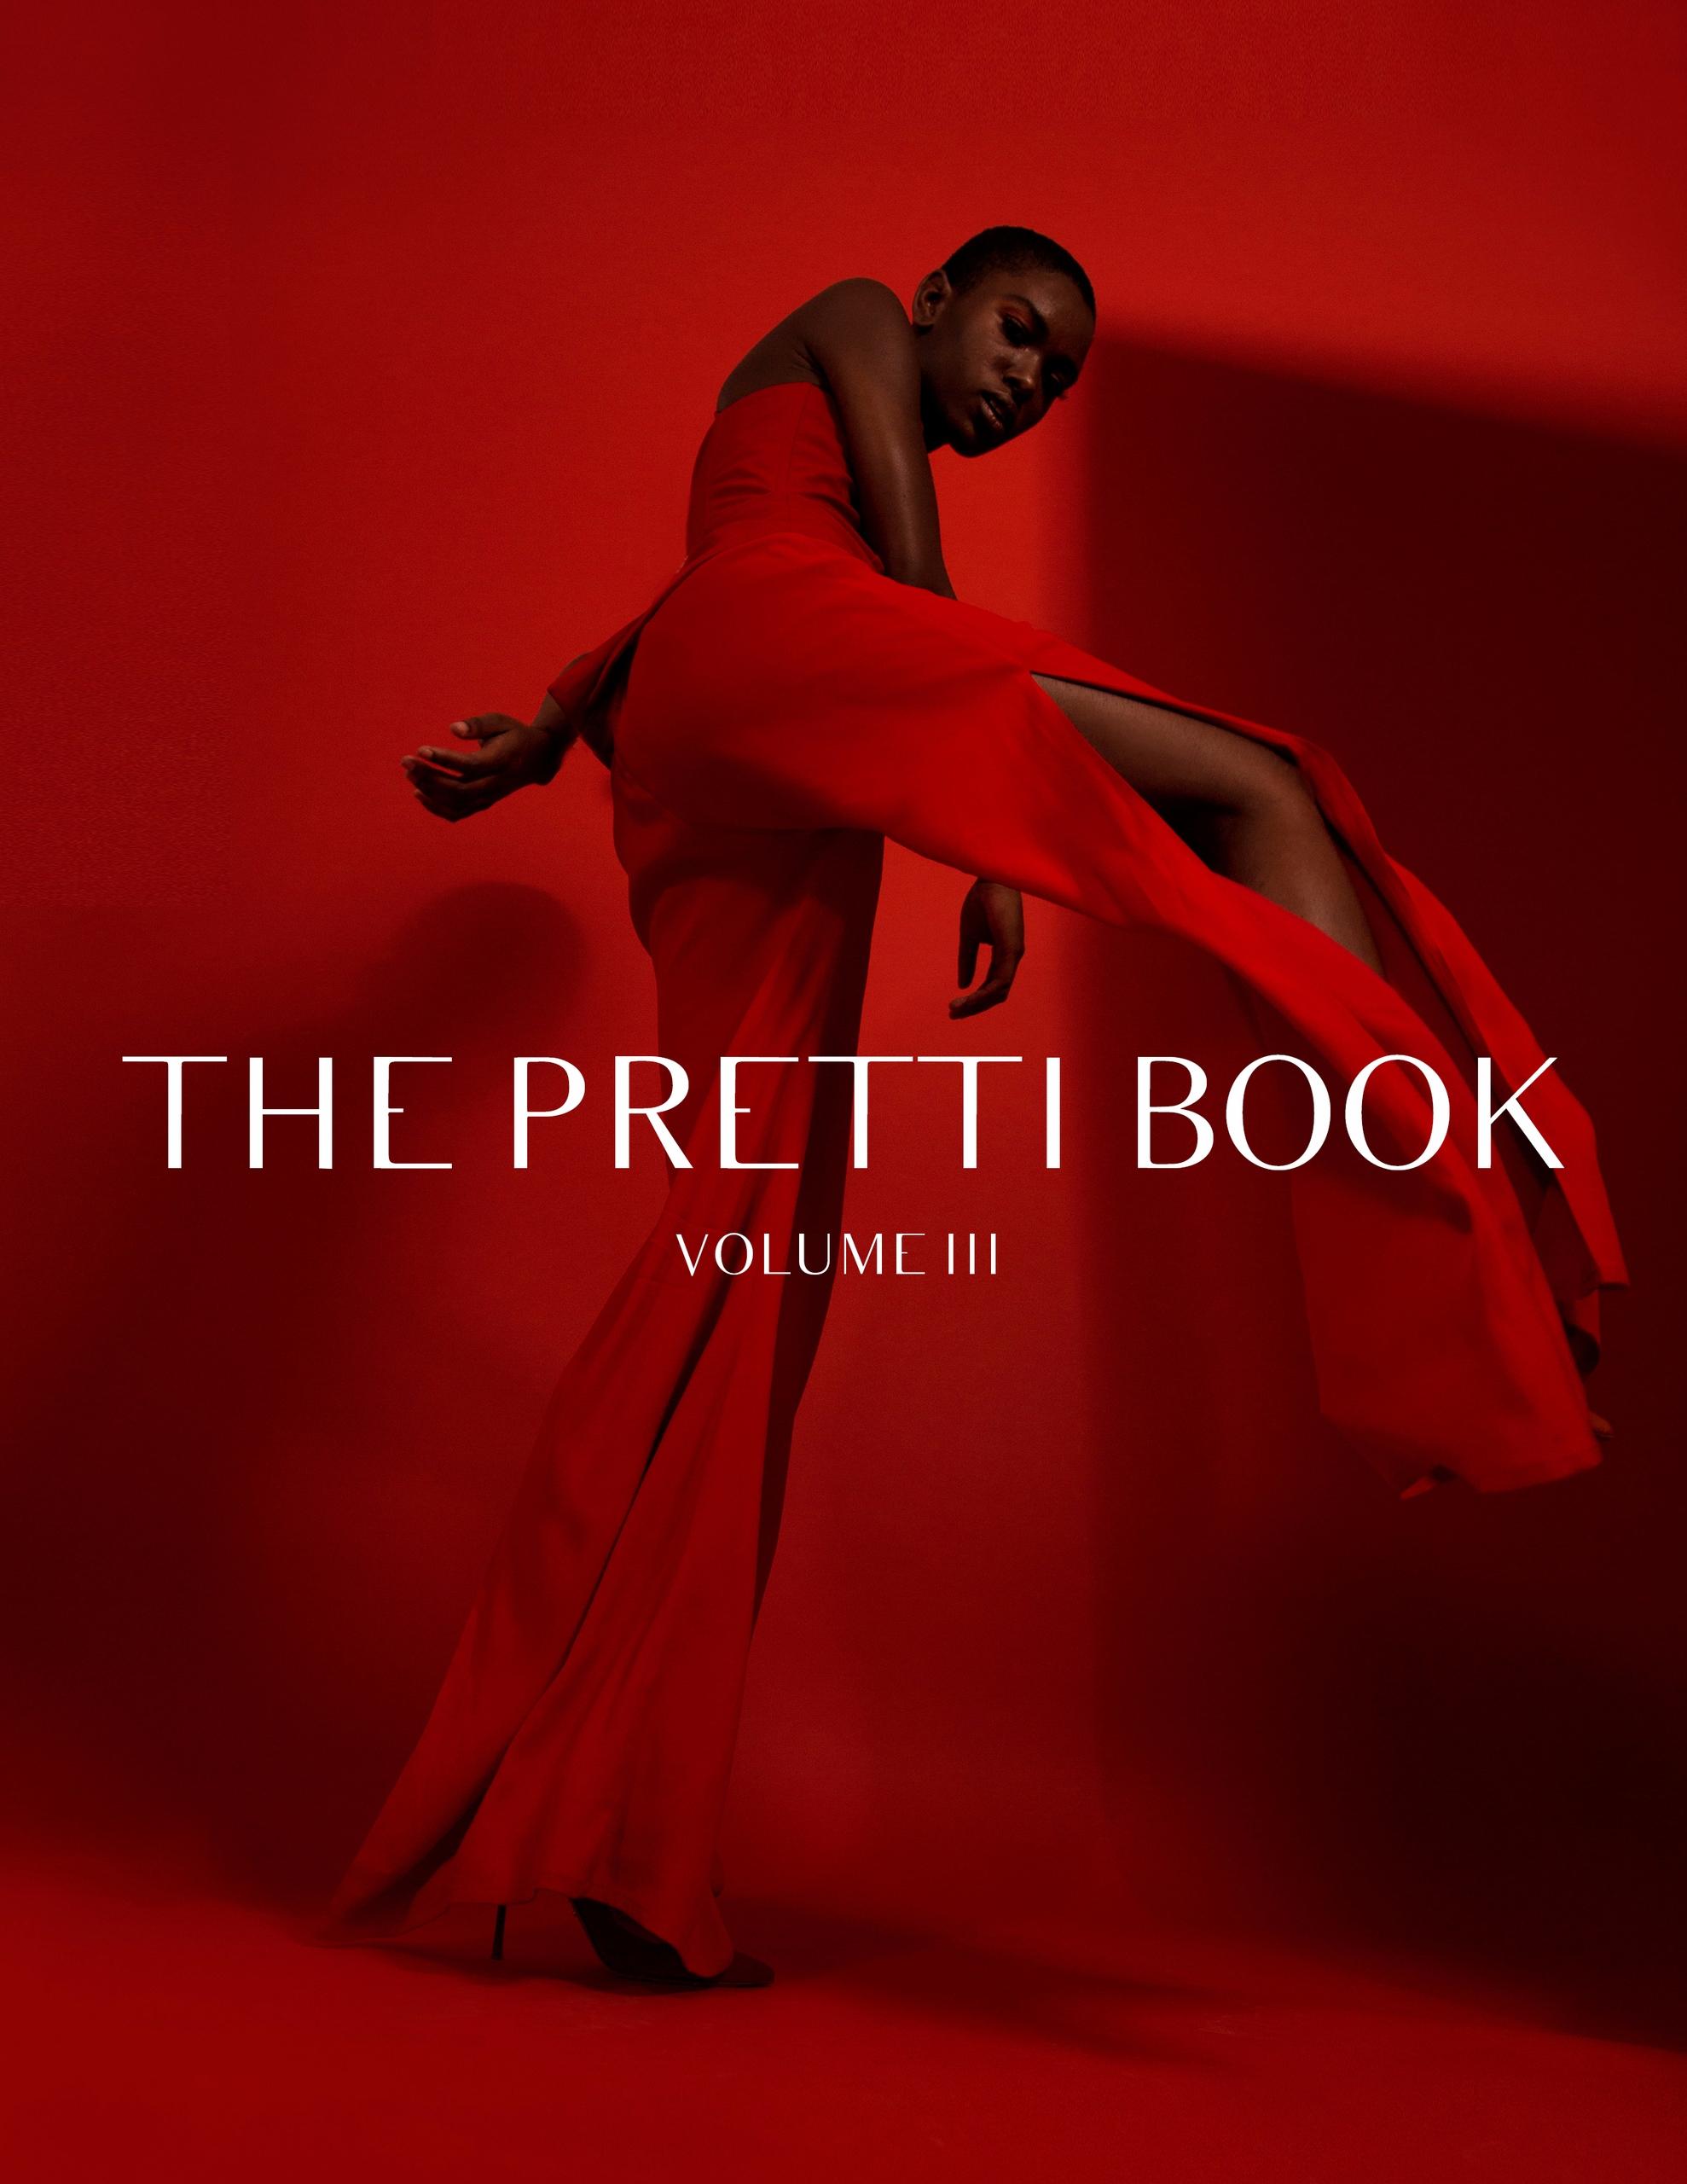 Pretti Book Volume III features - theprettibook | ello